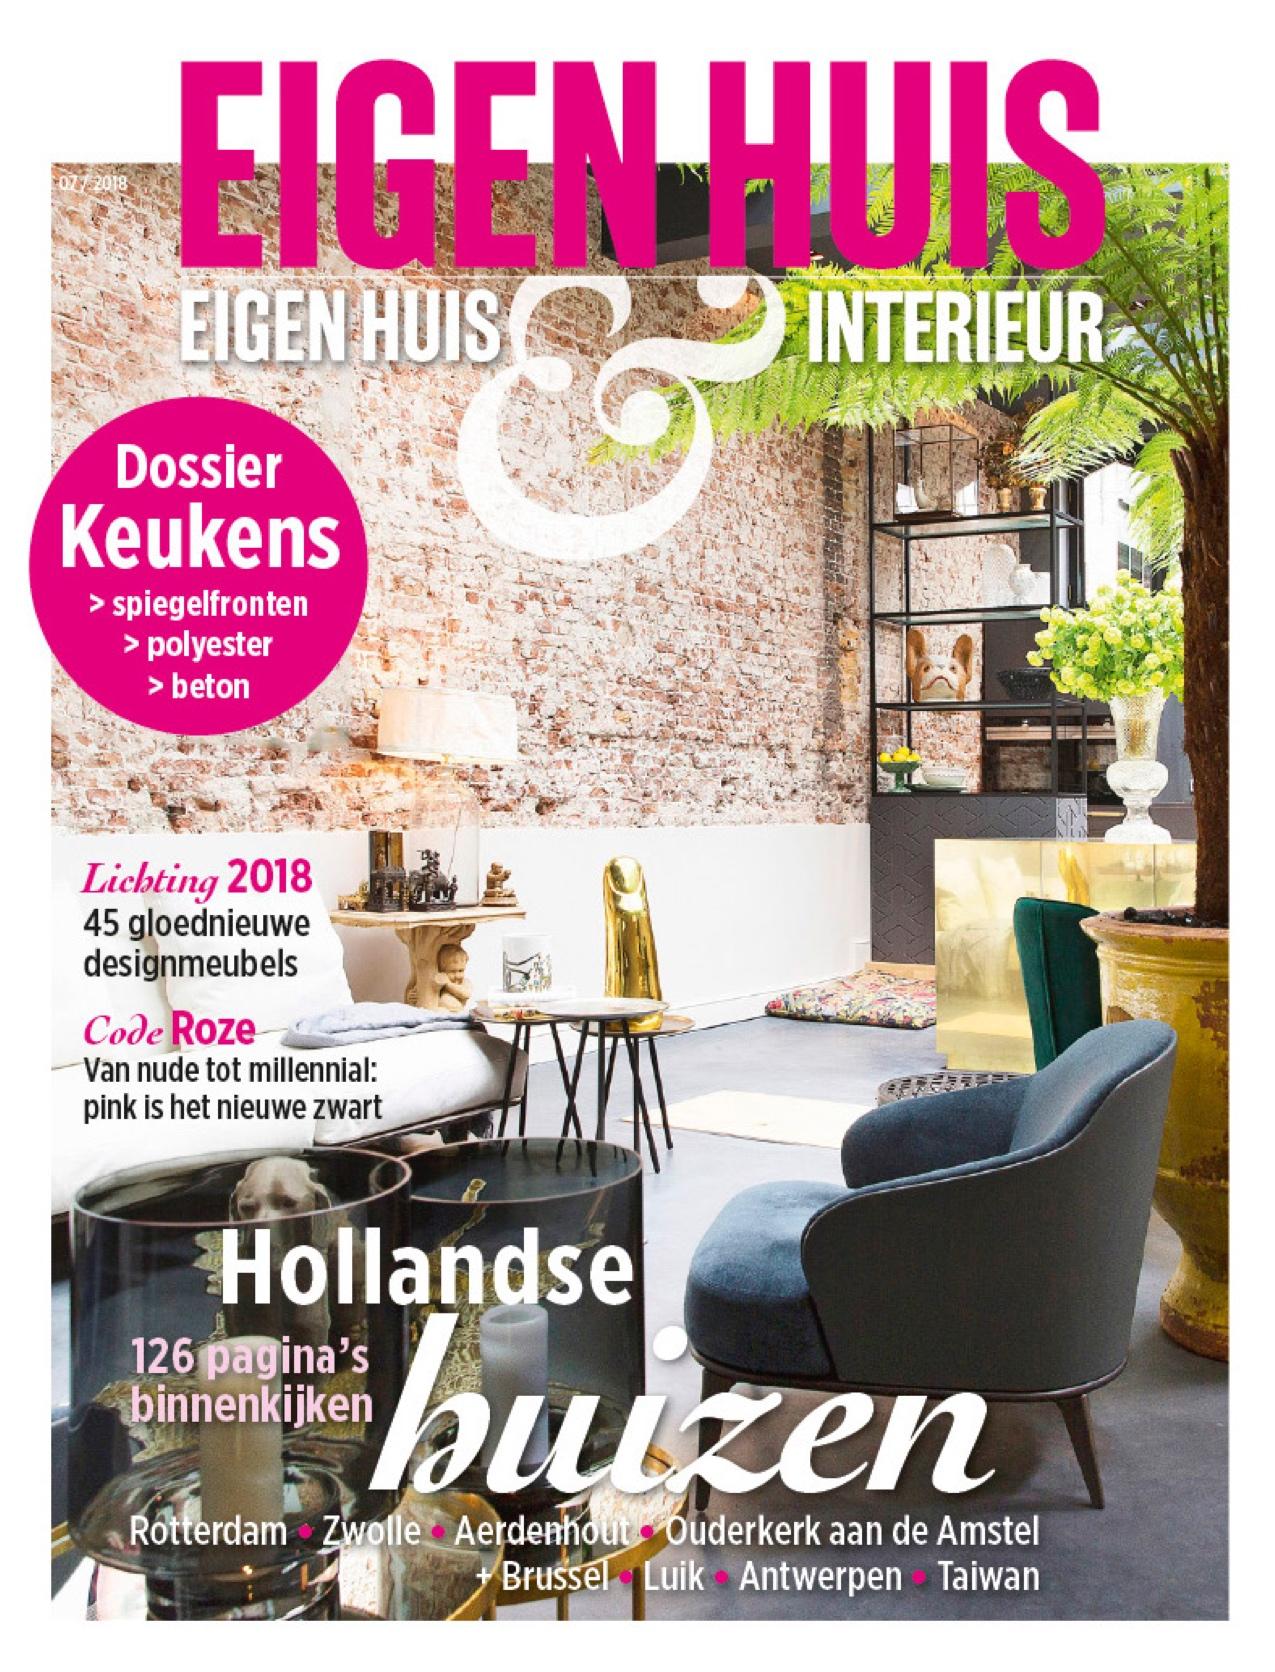 Eigenhuis & interieur – Stock Interiors